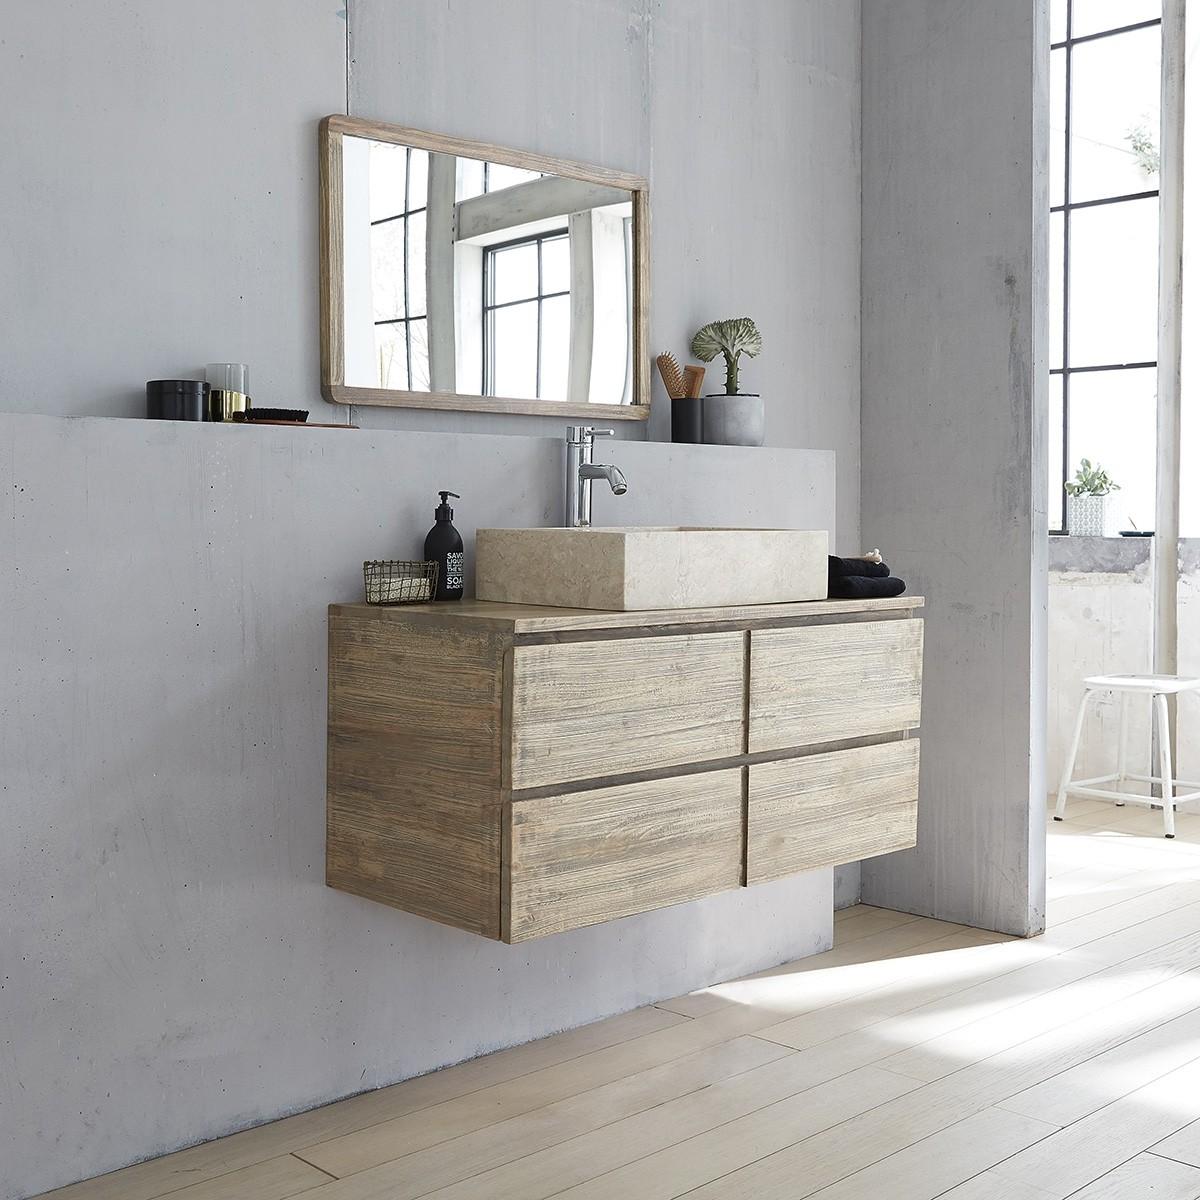 meuble de salle de bain en bois d 39 h v a suspendu 100 bois dessus bois dessous. Black Bedroom Furniture Sets. Home Design Ideas